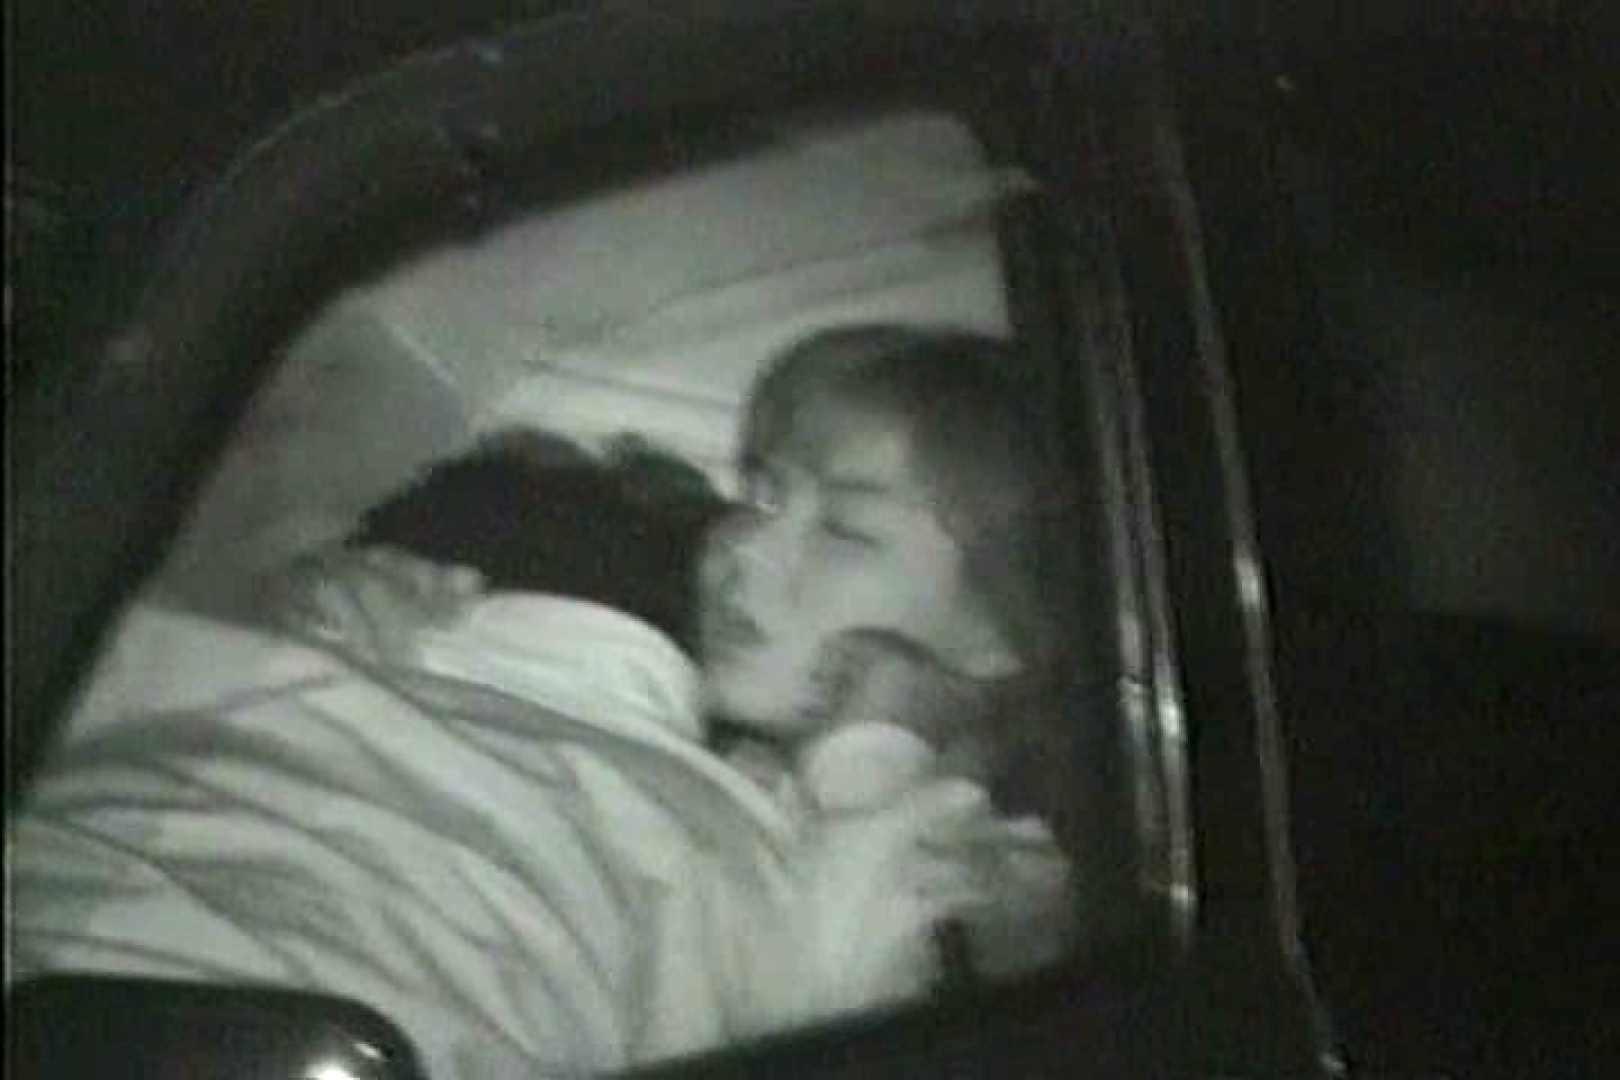 車の中はラブホテル 無修正版  Vol.10 望遠 盗み撮り動画キャプチャ 87pic 37